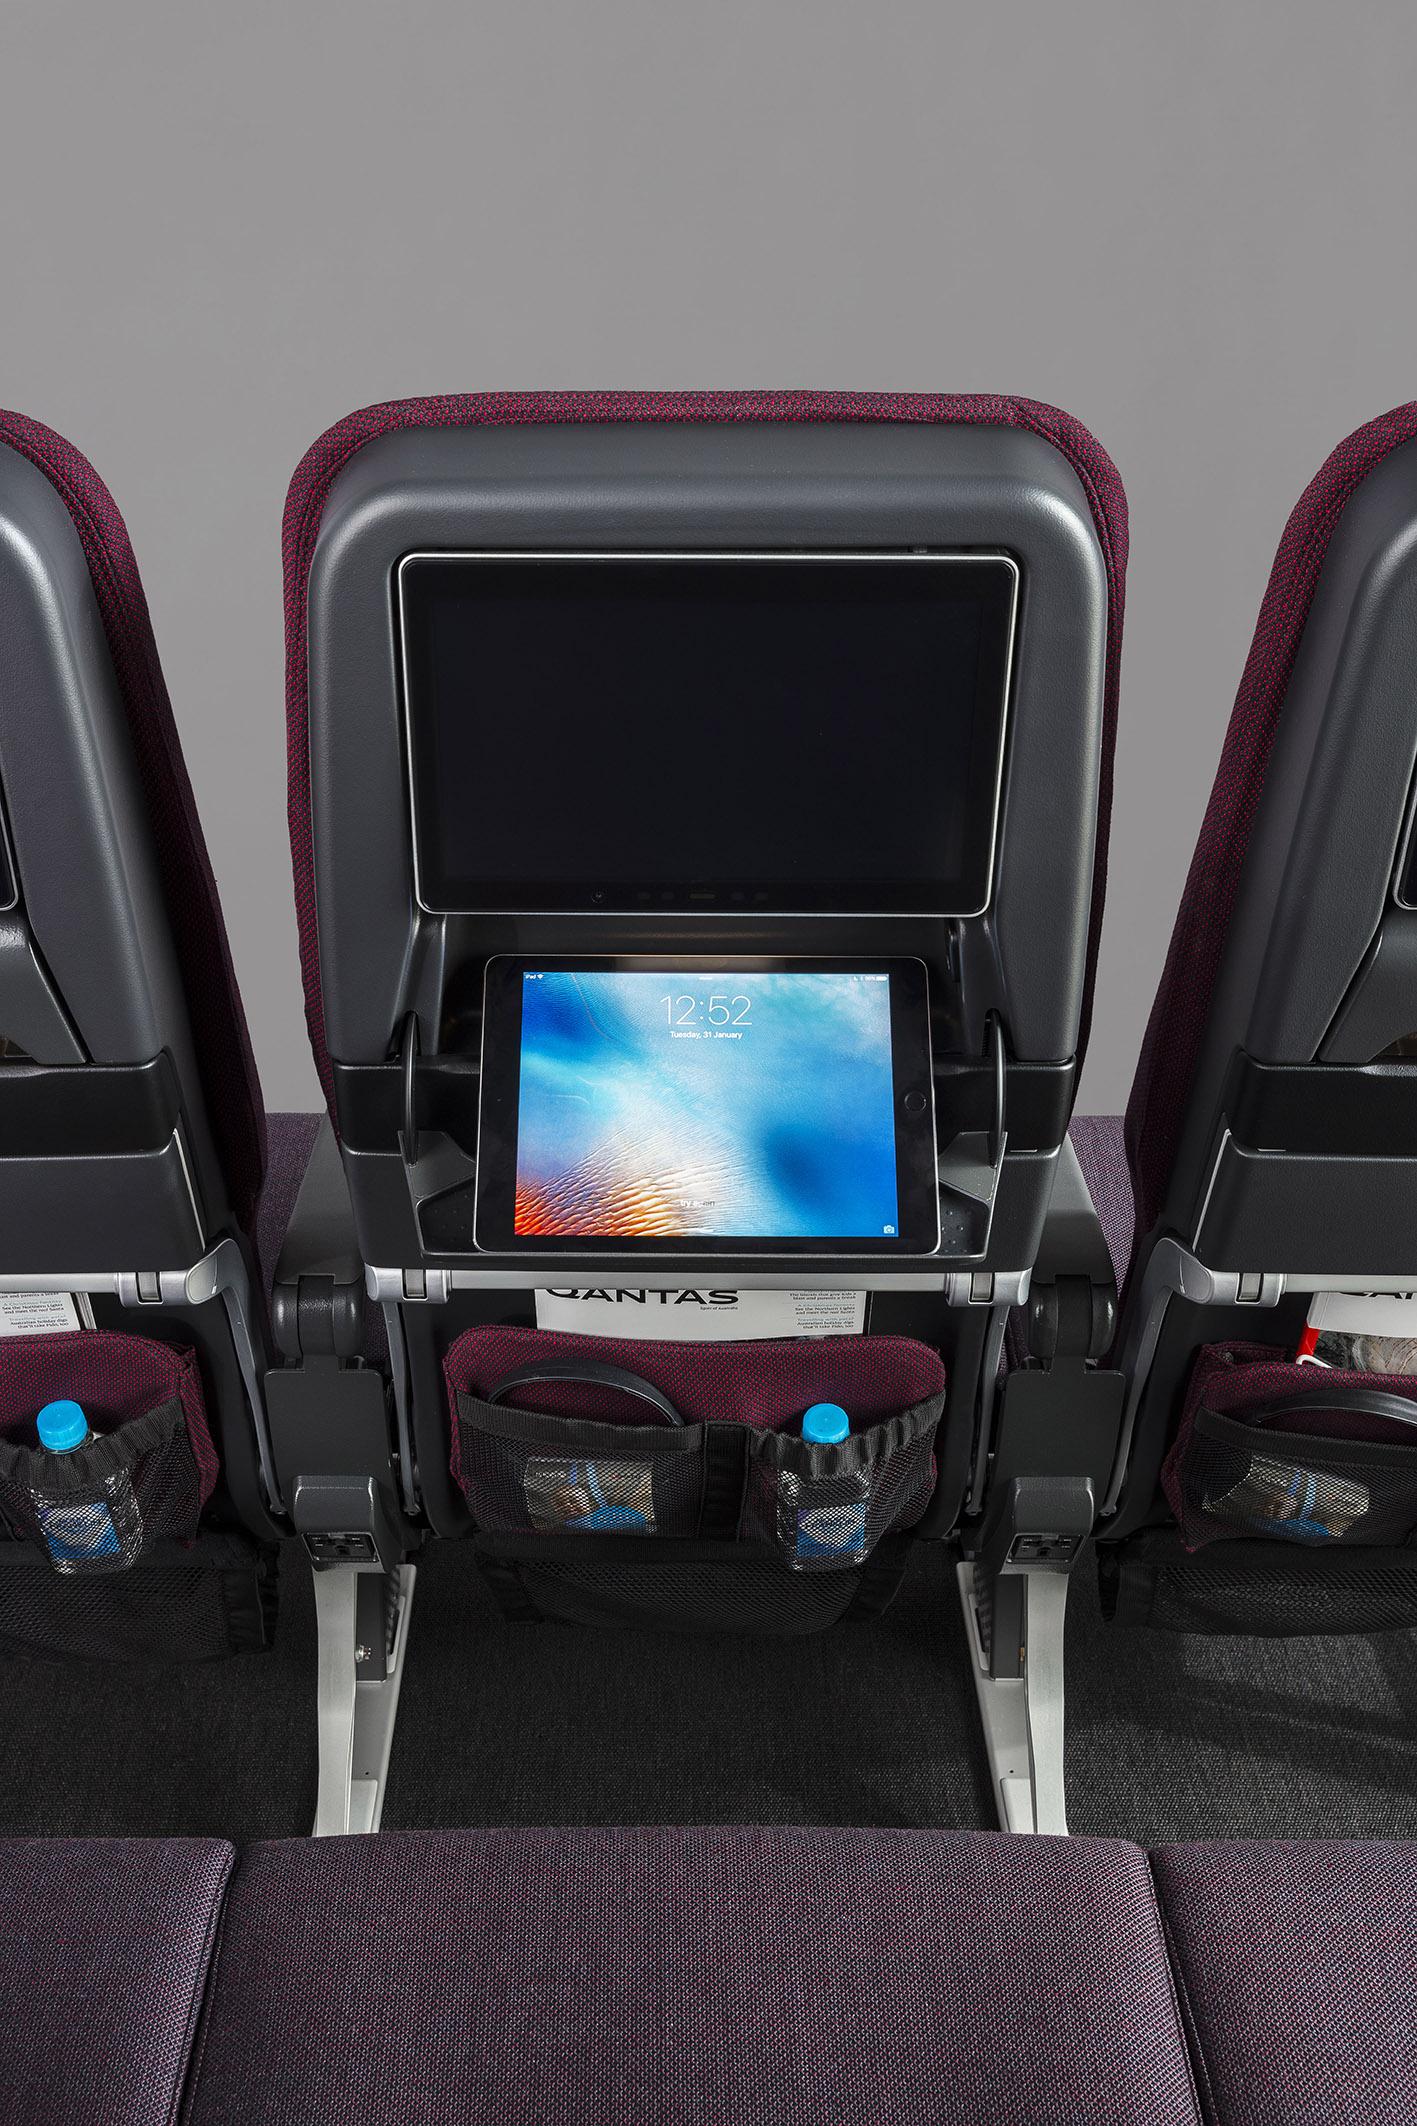 07 Caon_QF+Seats_0A8A7818_DE.jpg